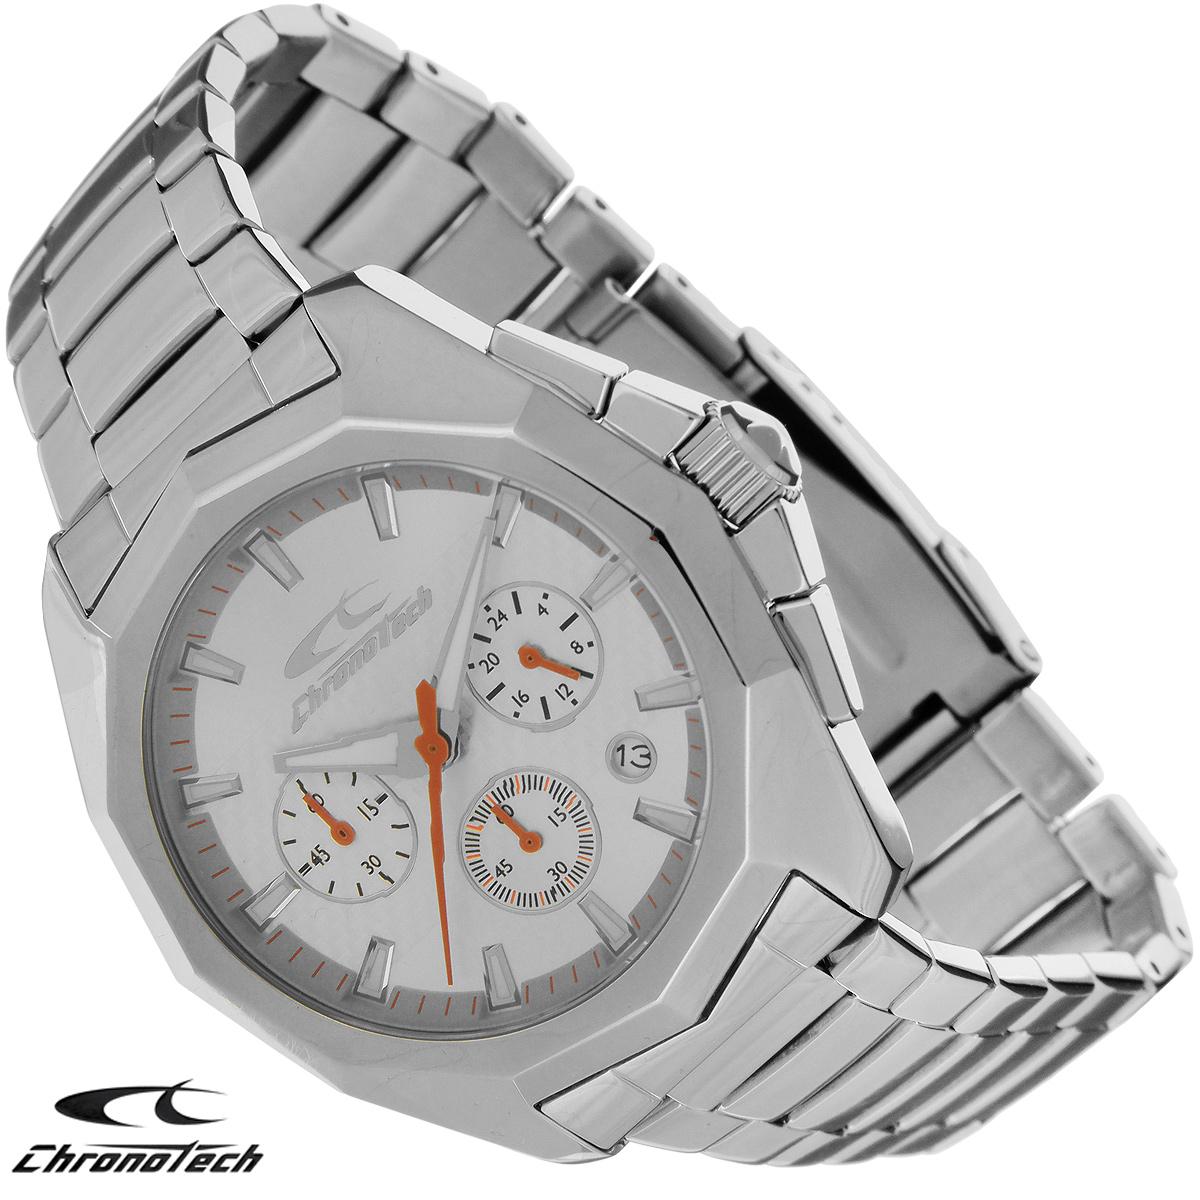 Часы мужские наручные Chronotech, цвет: серебристый. RW0101RW0101Часы Chronotech - это часы для современных и стильных людей, которые стремятся выделиться из толпы и подчеркнуть свою индивидуальность. Корпус часов выполнен из нержавеющей стали. Циферблат оформлен отметками и защищен минеральным стеклом. Часы имеют три стрелки - часовую, минутную и секундную. Стрелки и отметки светятся в темноте. Часы оснащены функцией хронографа и имеют индикатор даты. Браслет часов выполнен из нержавеющей стали и застегивается на раскладывающуюся застежку. Часы упакованы в фирменную коробку с логотипом компании Chronotech. Такой аксессуар добавит вашему образу стиля и подчеркнет безупречный вкус своего владельца. Характеристики: Диаметр циферблата: 3,5 см. Размер корпуса: 4,6 см х 5 см х 1,1 см. Длина браслета (с корпусом): 27 см. Ширина браслета: 2 см.